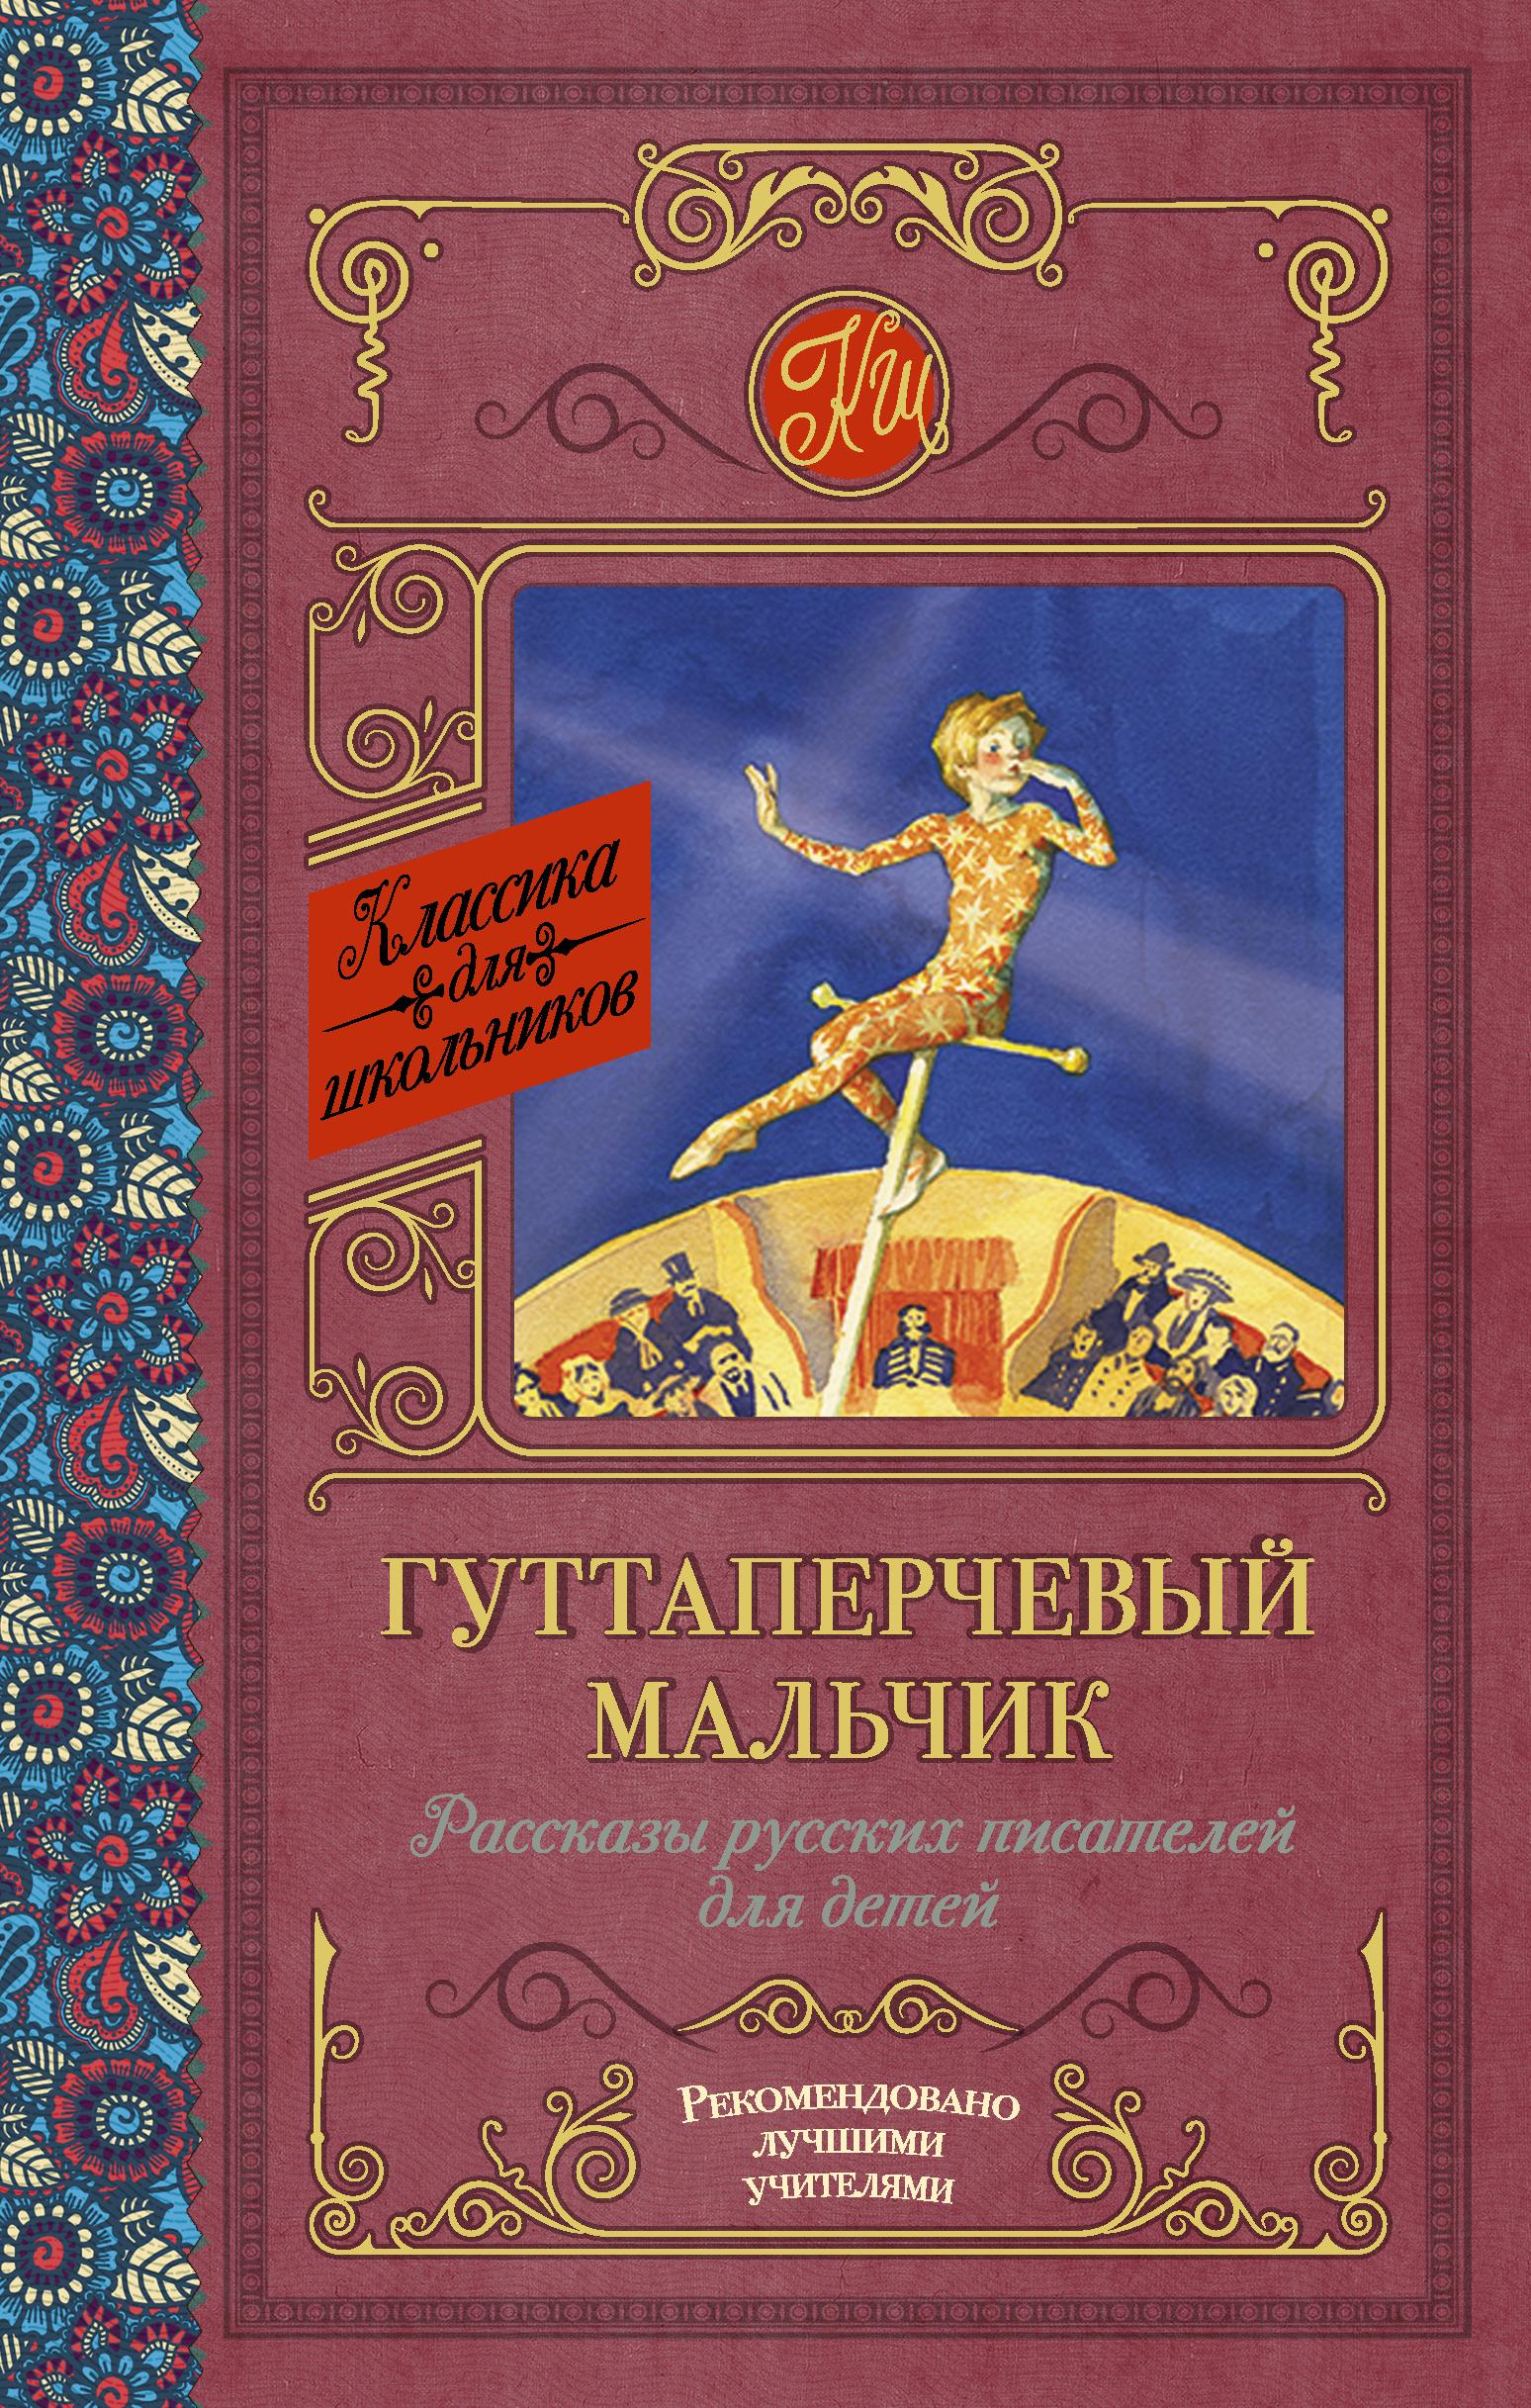 Гуттаперчевый мальчик. Рассказы русских писателей для детей